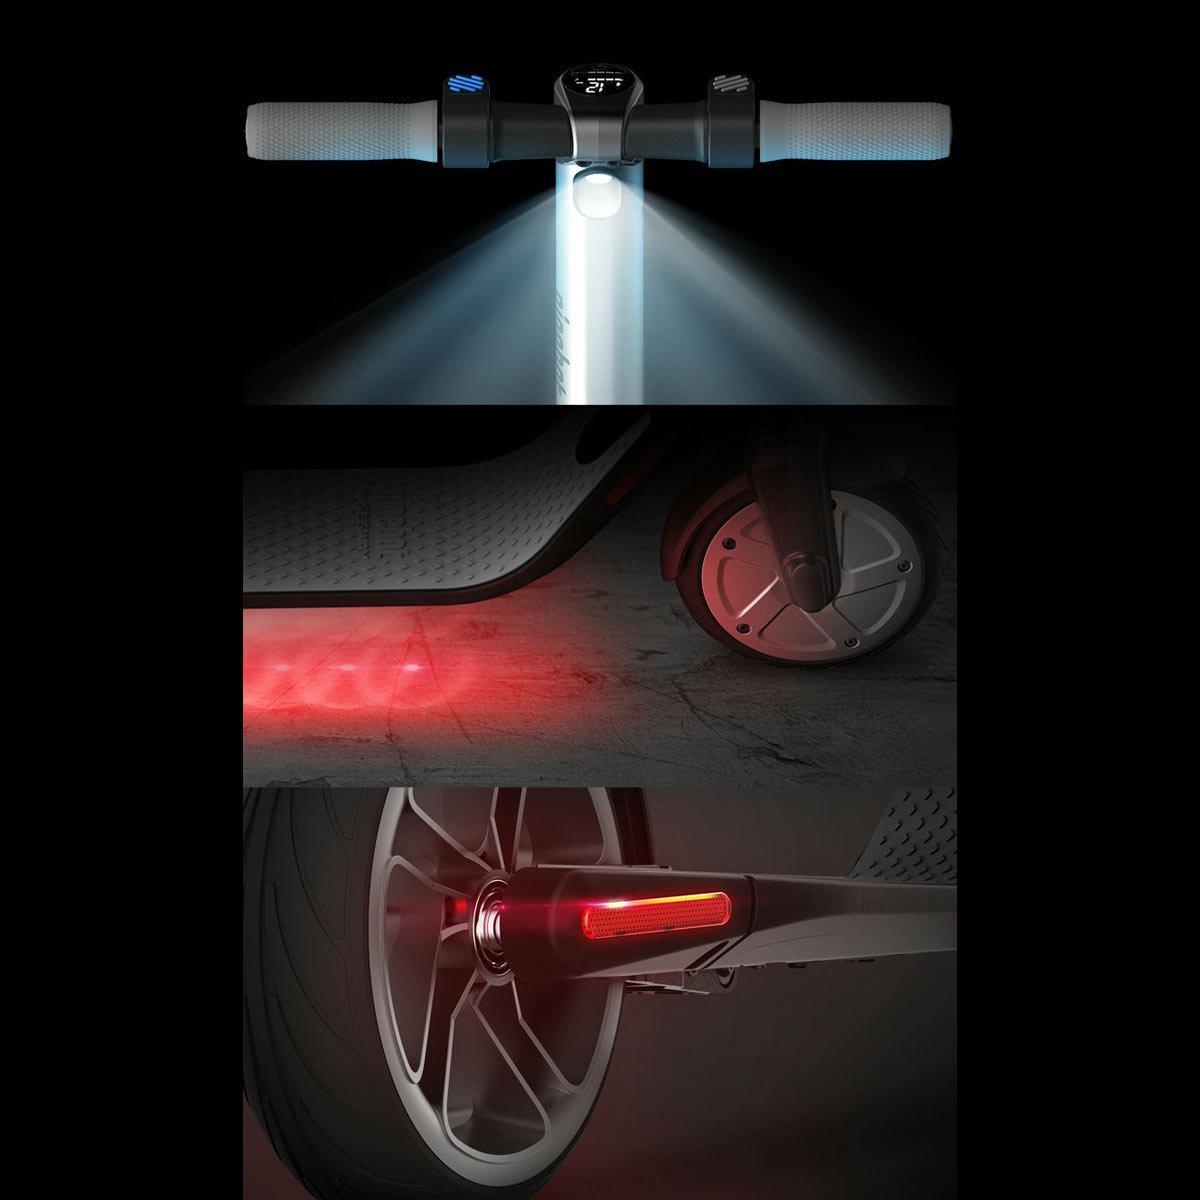 sicurezza monopattini elettrici luce stop visibilità